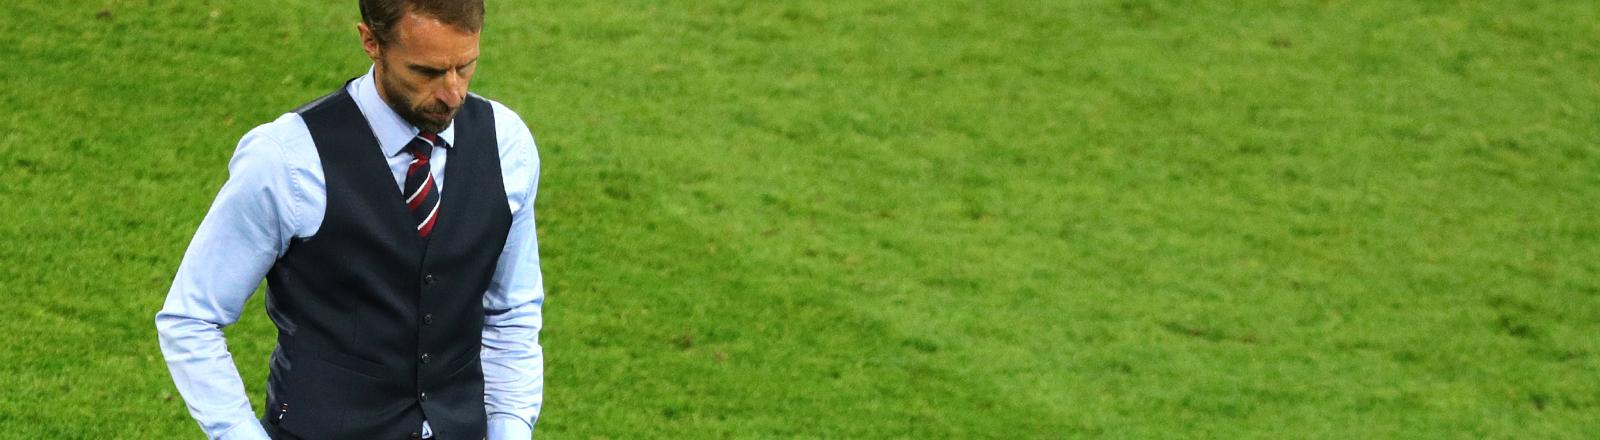 Gareth Southgate läuft über ein Fußballfeld.